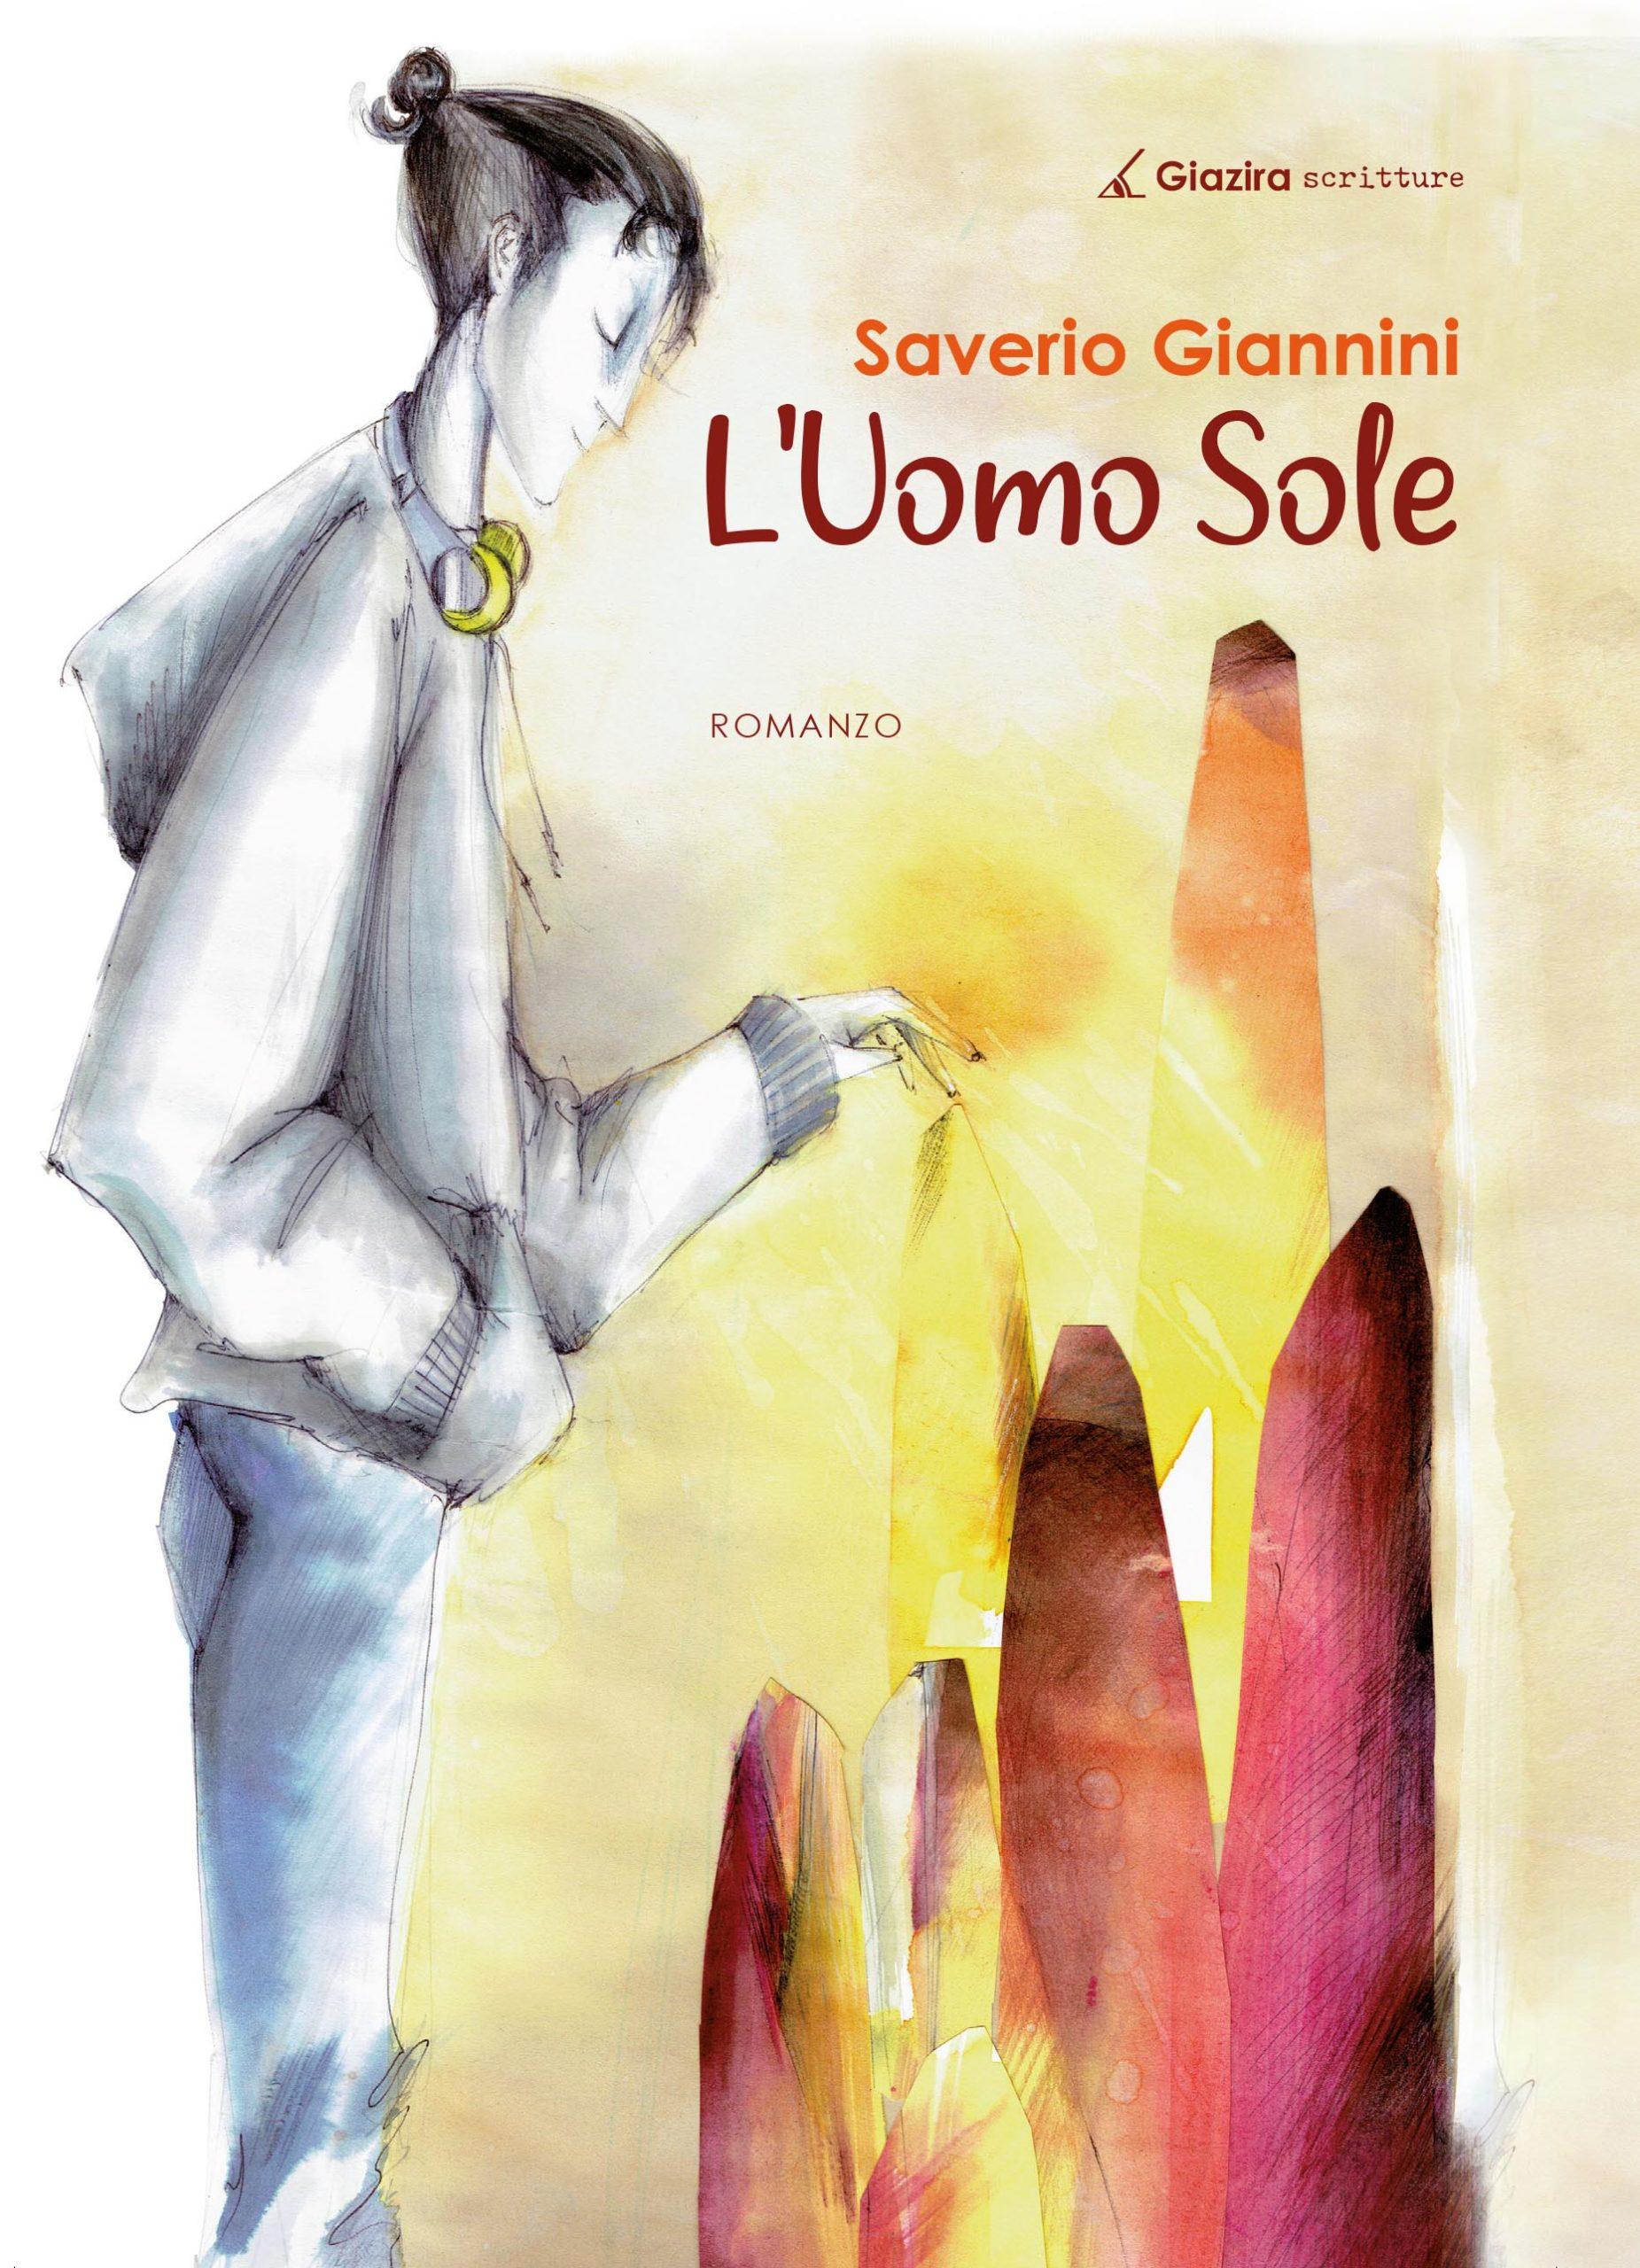 L'Uomo Sole - Giazira Scritture